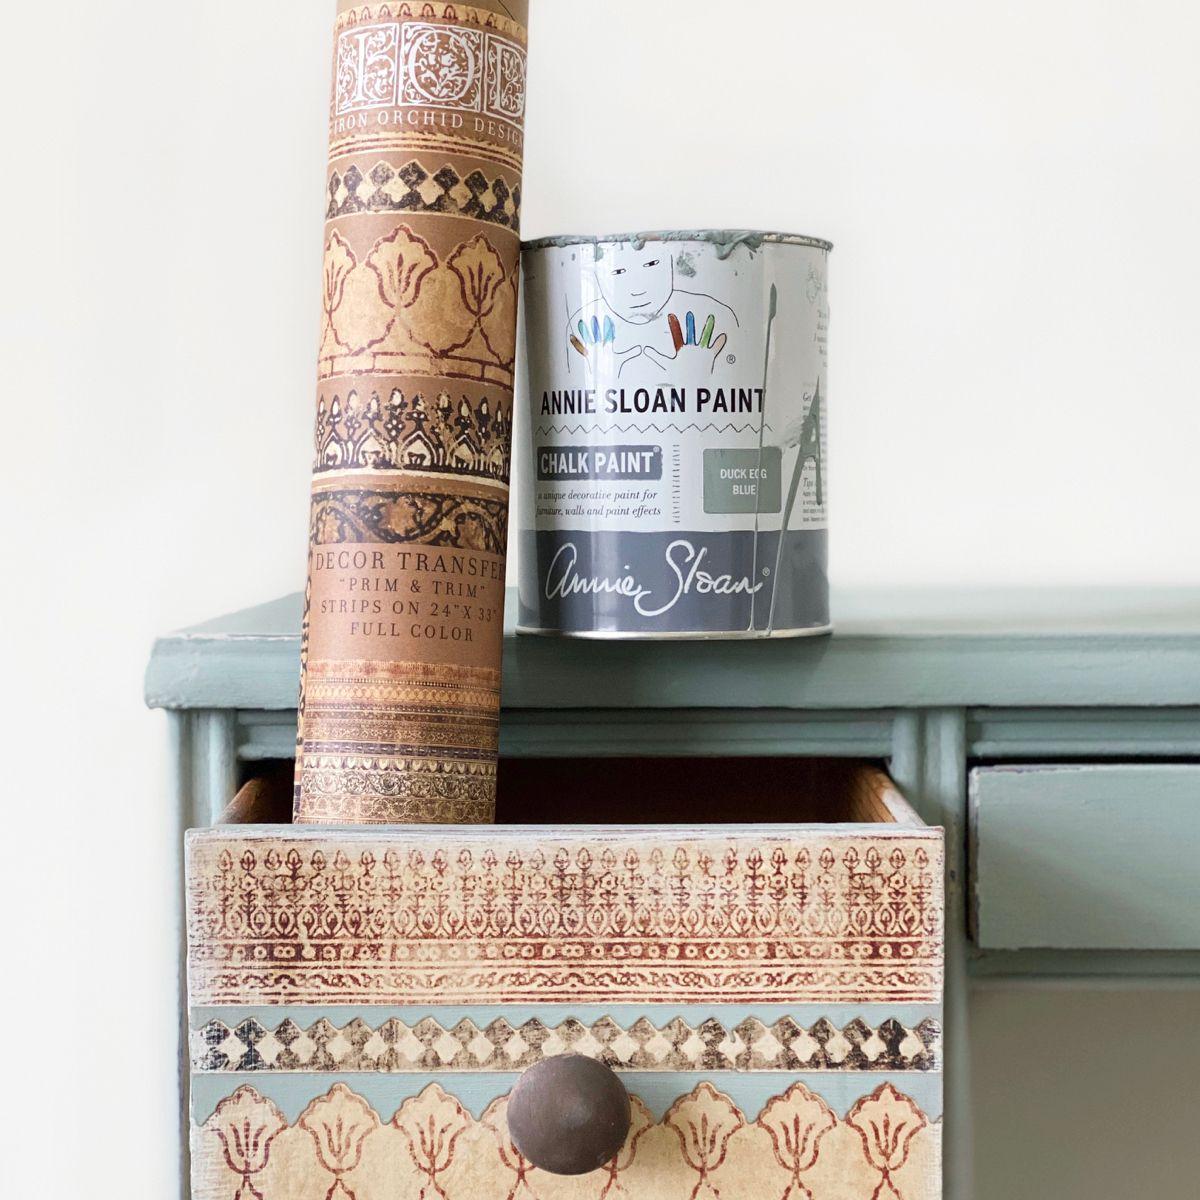 #diy #anniesloanchalkpaint #anniesloanhome #chalkpaint #chalkpaintfurniture #furniture #furnitureideas #furniturediy #furniturepainting #painting #boho #desk